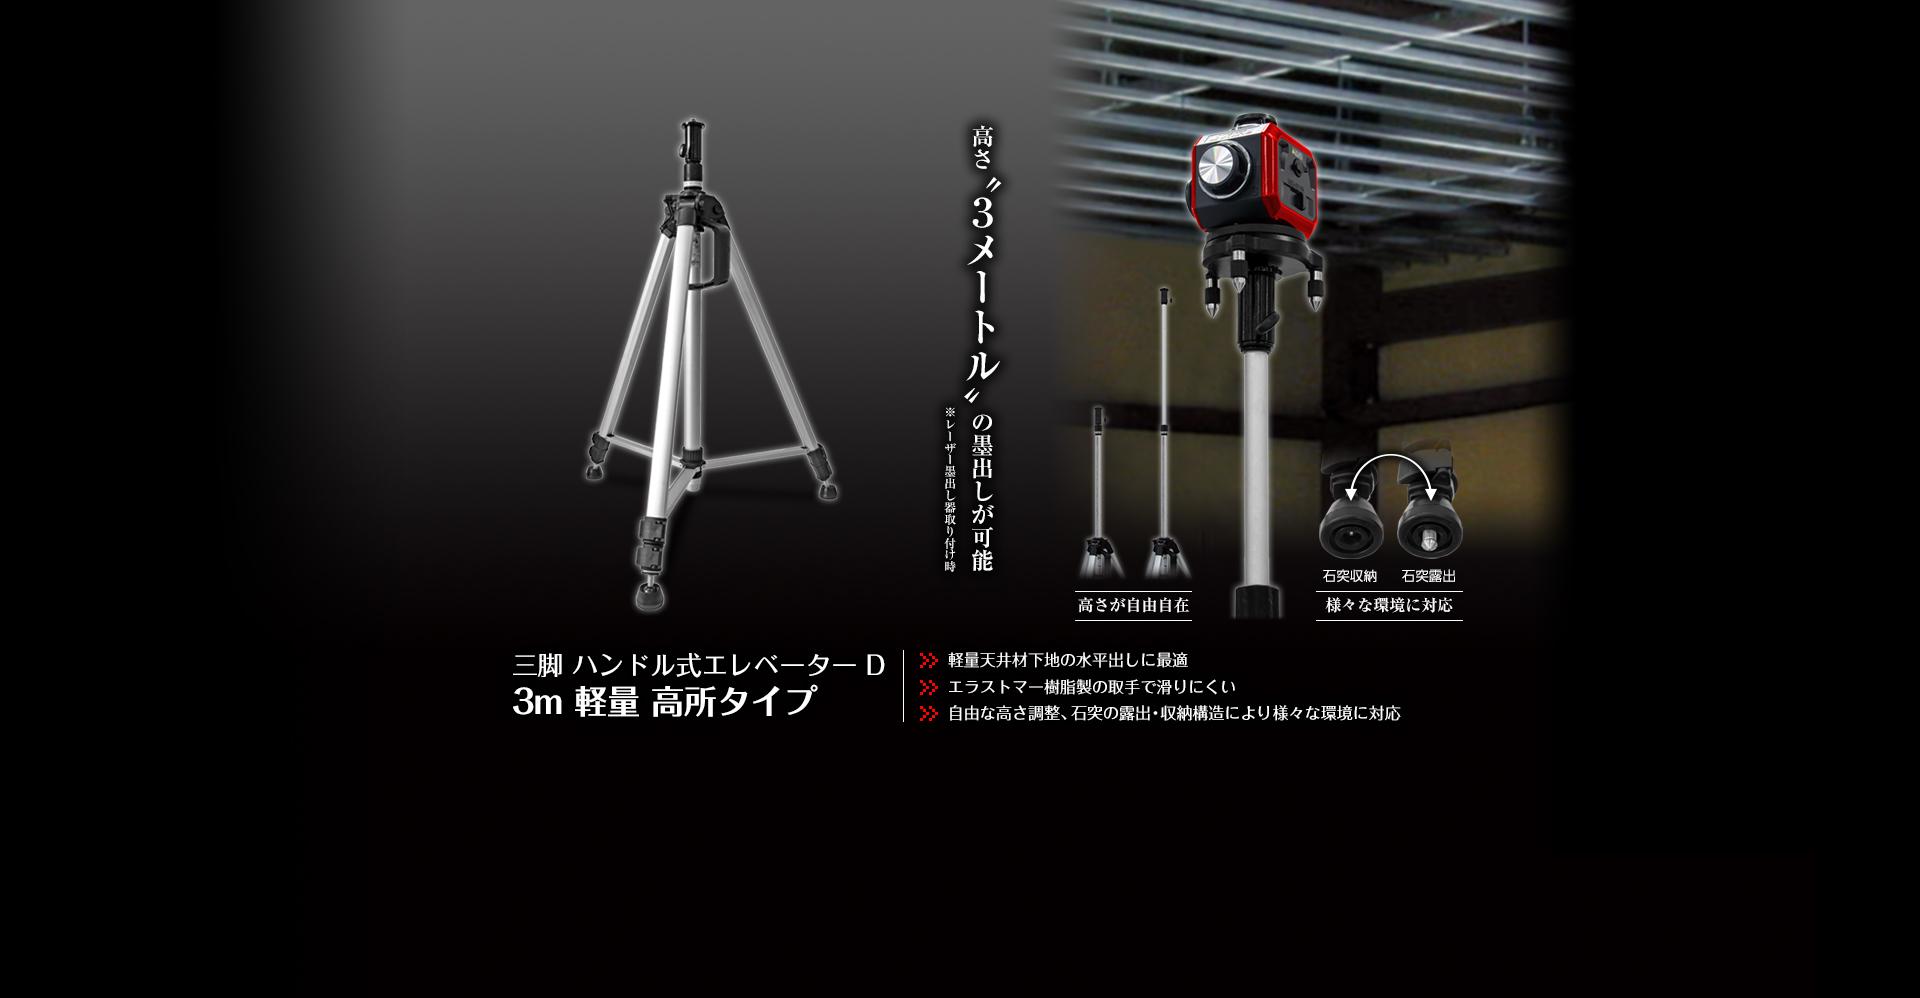 三脚ハンドル式エレベーターD3m軽量高所タイプ